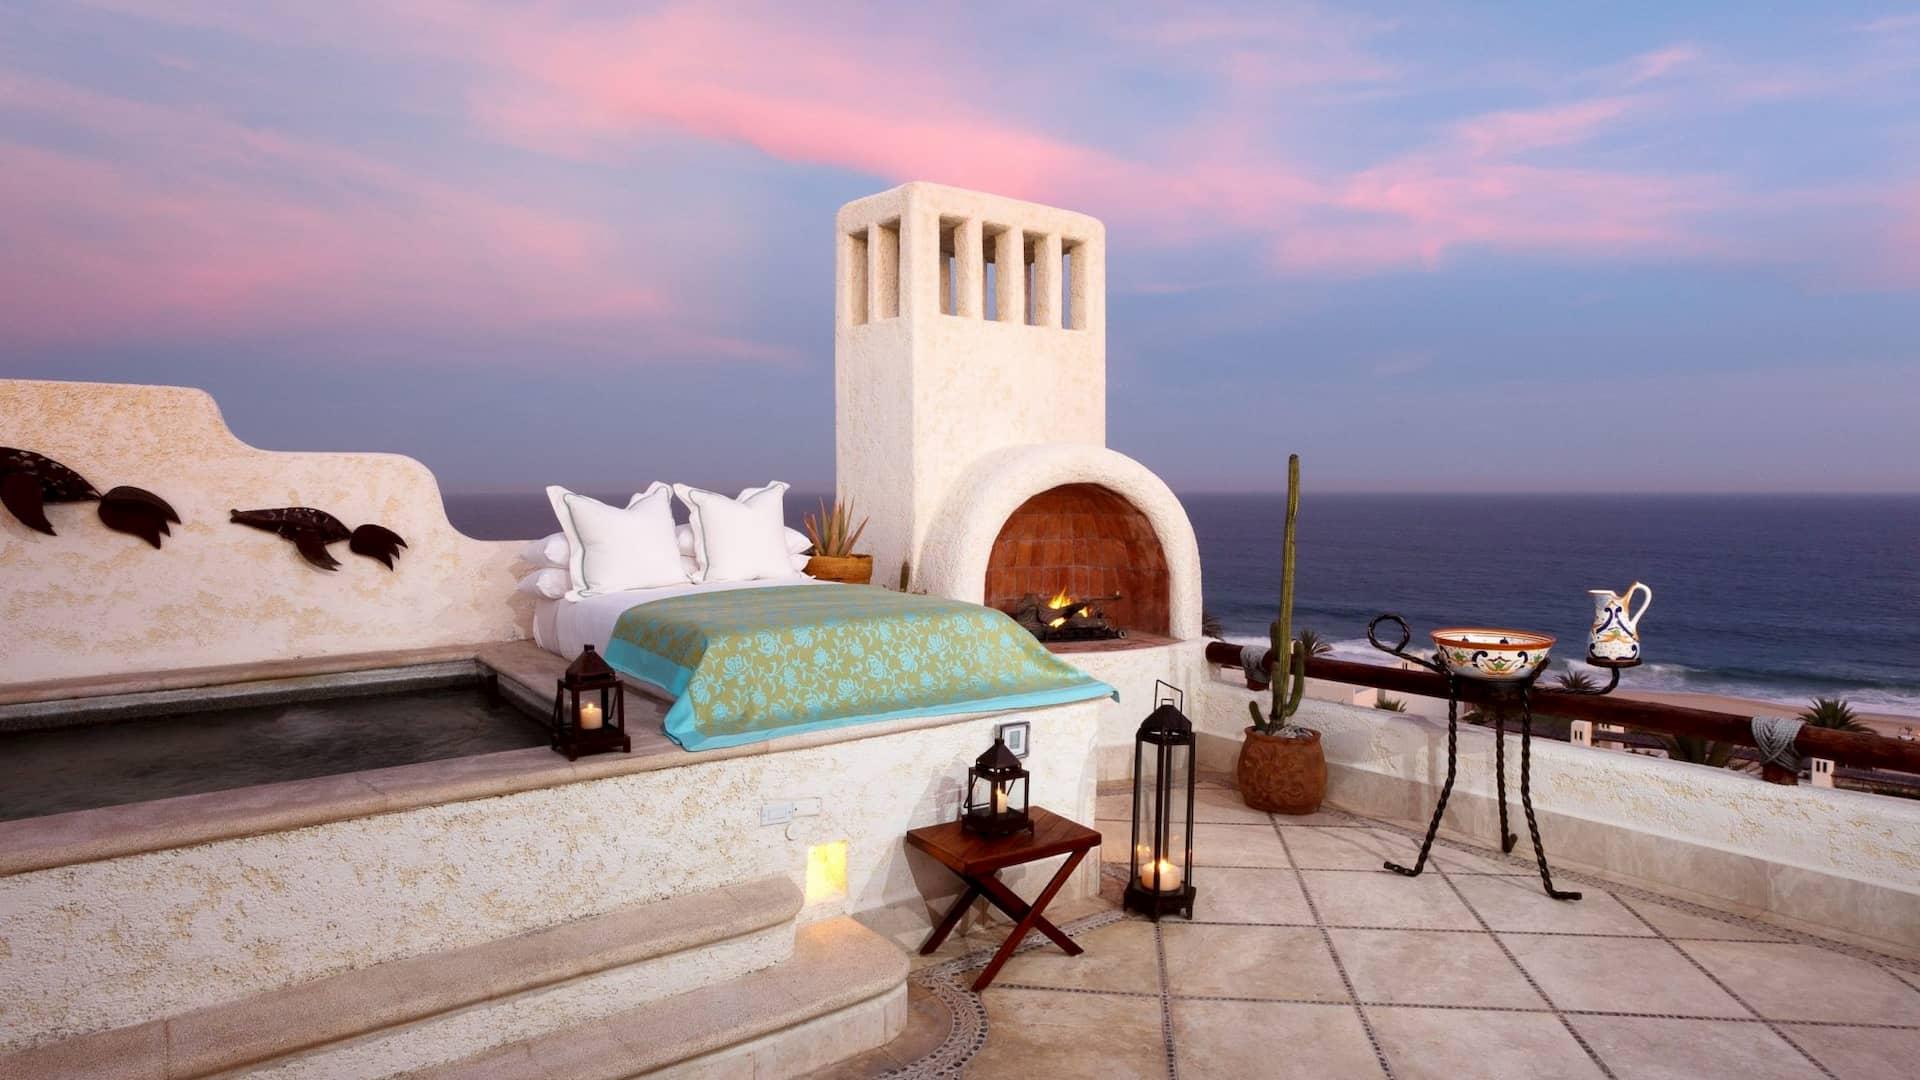 Las Ventas al Paraiso hotel Messico